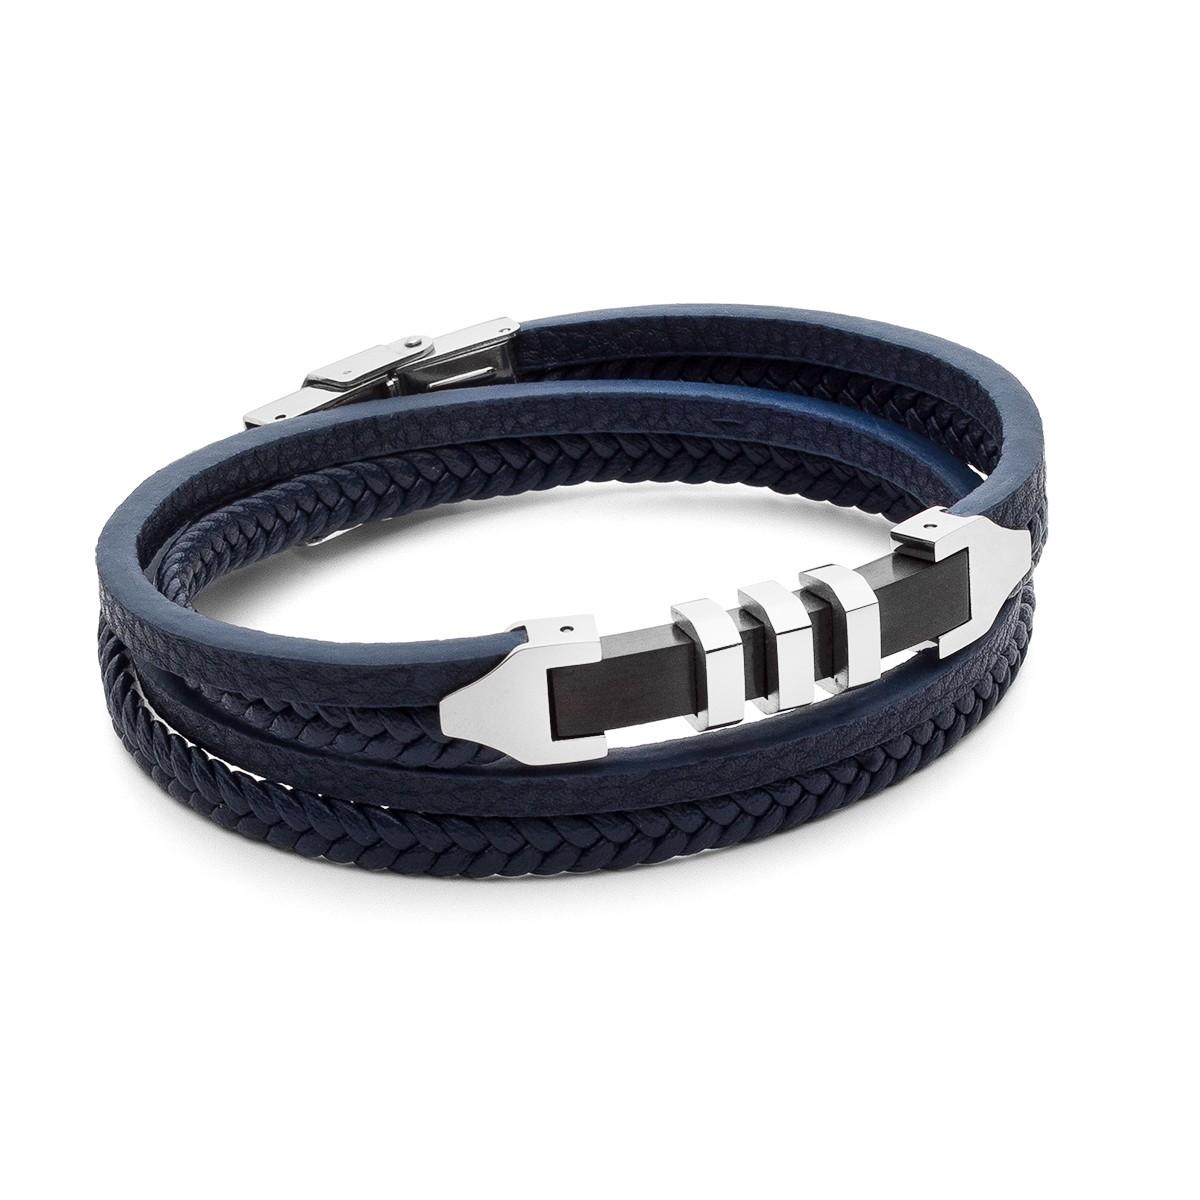 Rechteck armband, stahl - modell 040